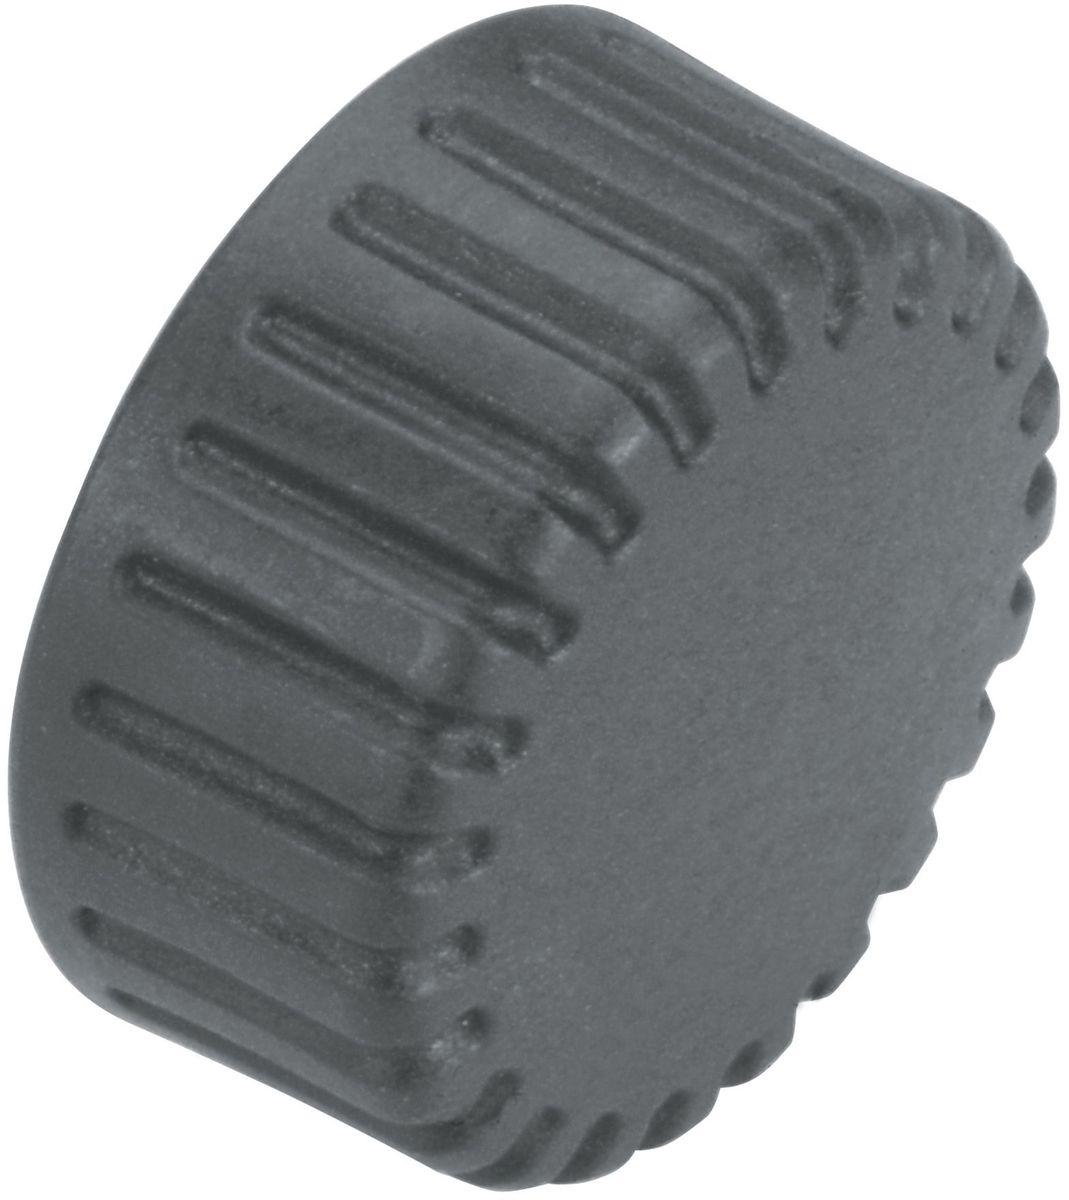 Заглушка Gardena PRO. 02756-20.000.0002756-20.000.00Для блокировки выходных отверстий, которые не предполагается использовать. Можно комбинировать с Соединителем, арт. 2753. Поставляется без упаковки